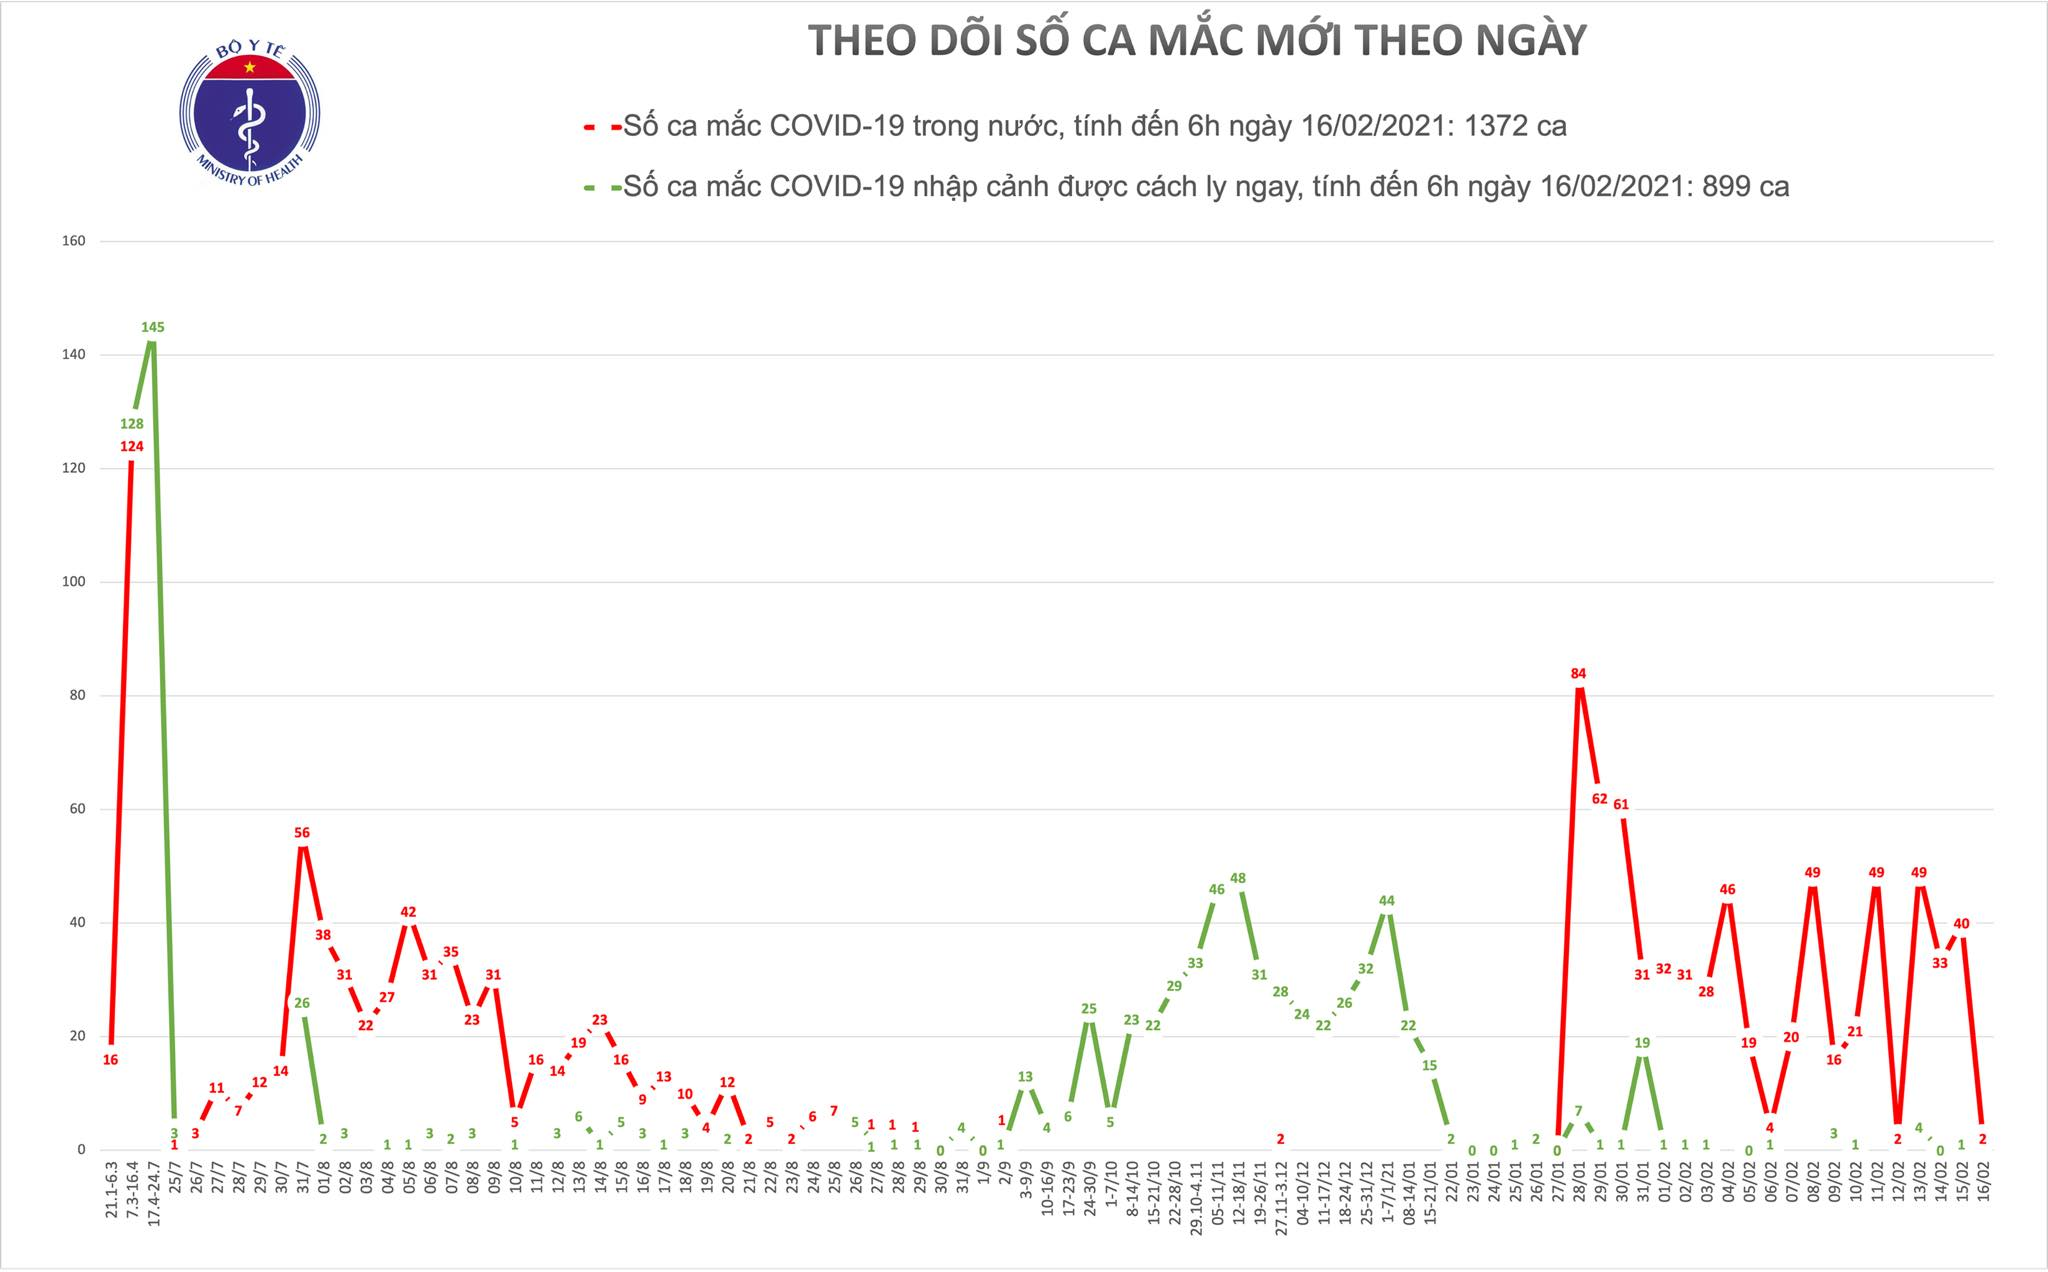 Sáng mùng 5 Tết, thêm 2 ca mắc COVID-19 tại Hải Dương